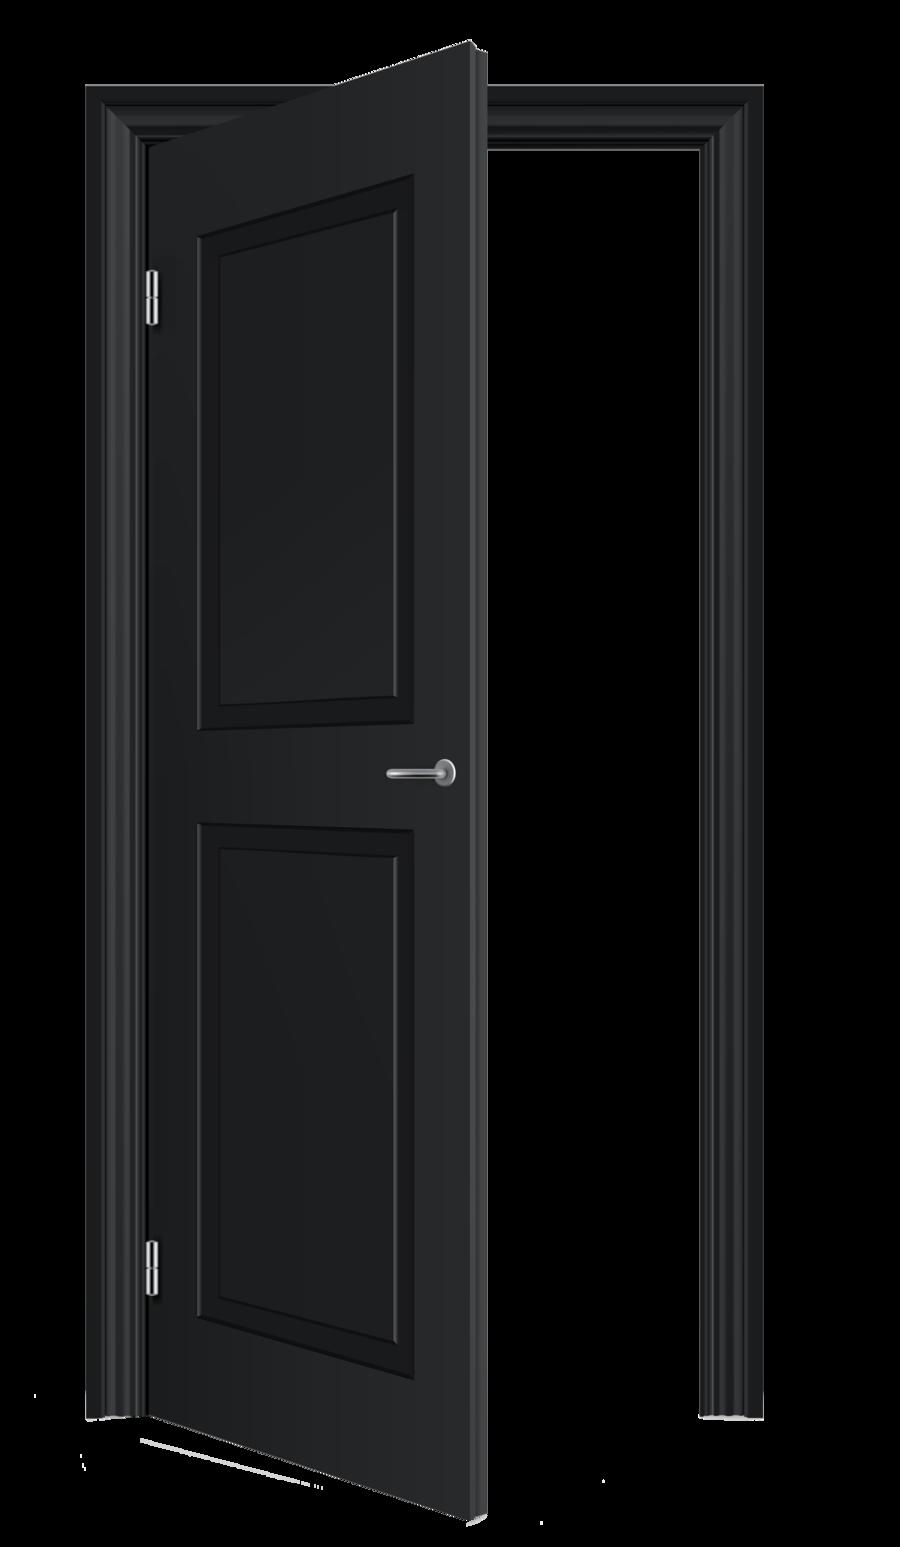 collection of open. Door clipart opened door